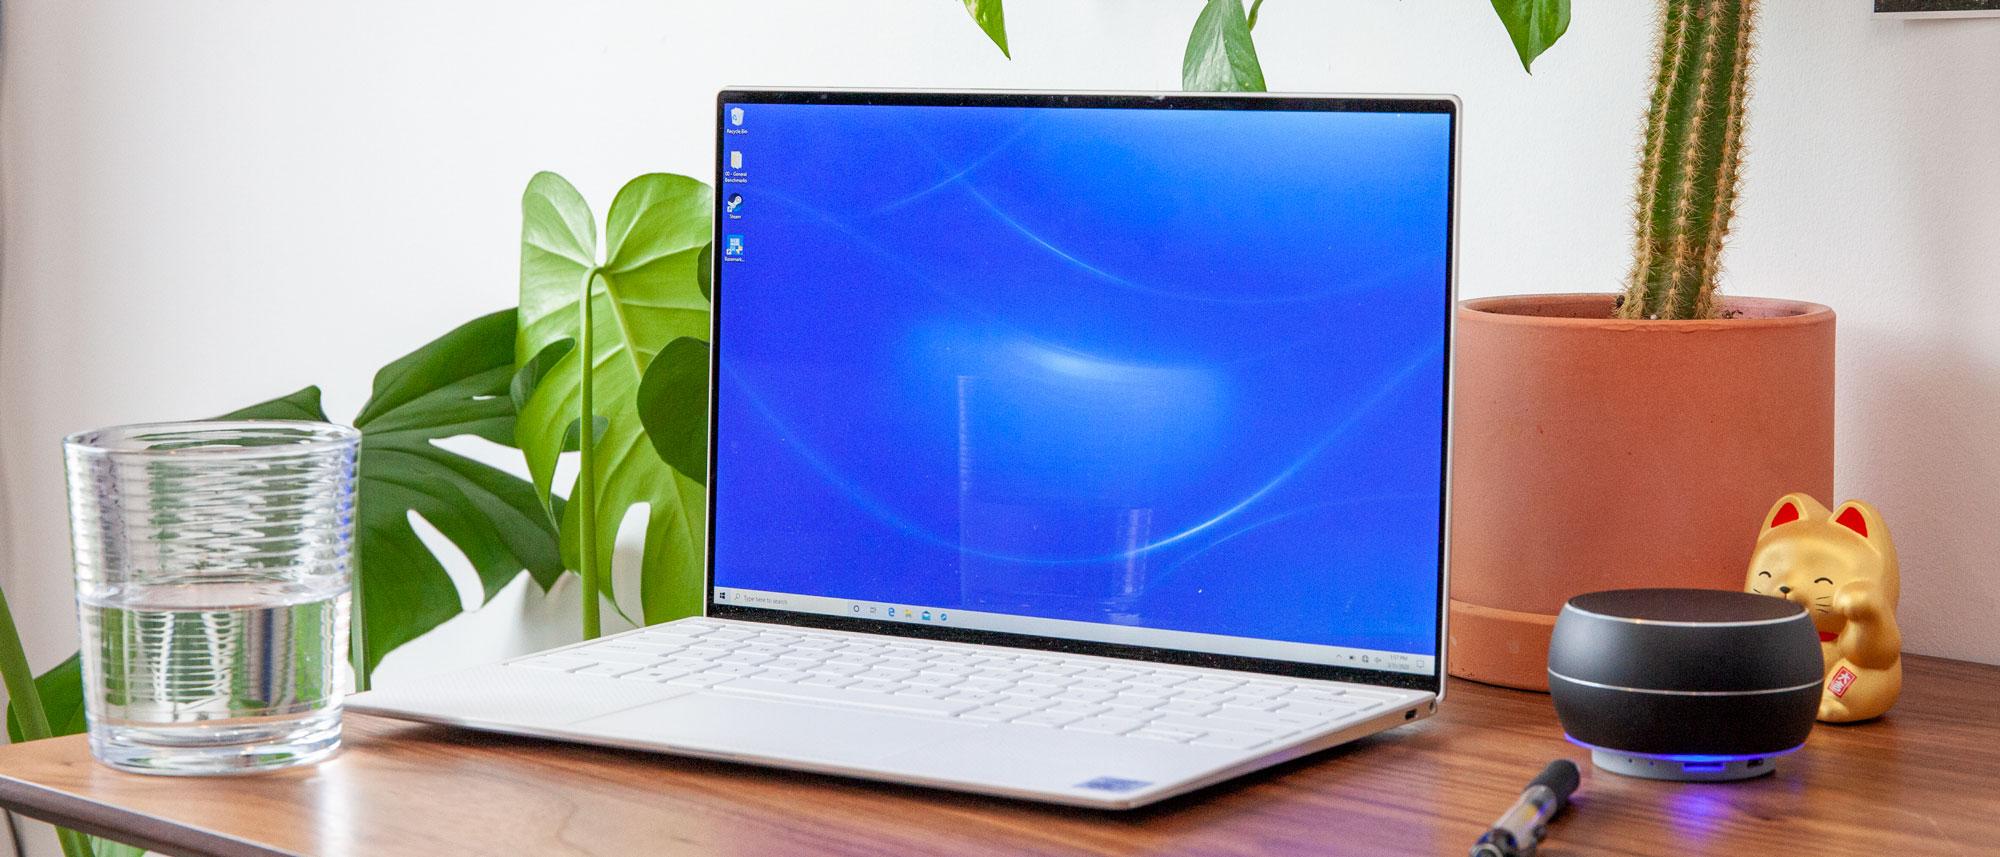 Dell XPS 13 vs MacBook Pro - XPS 13 at desk